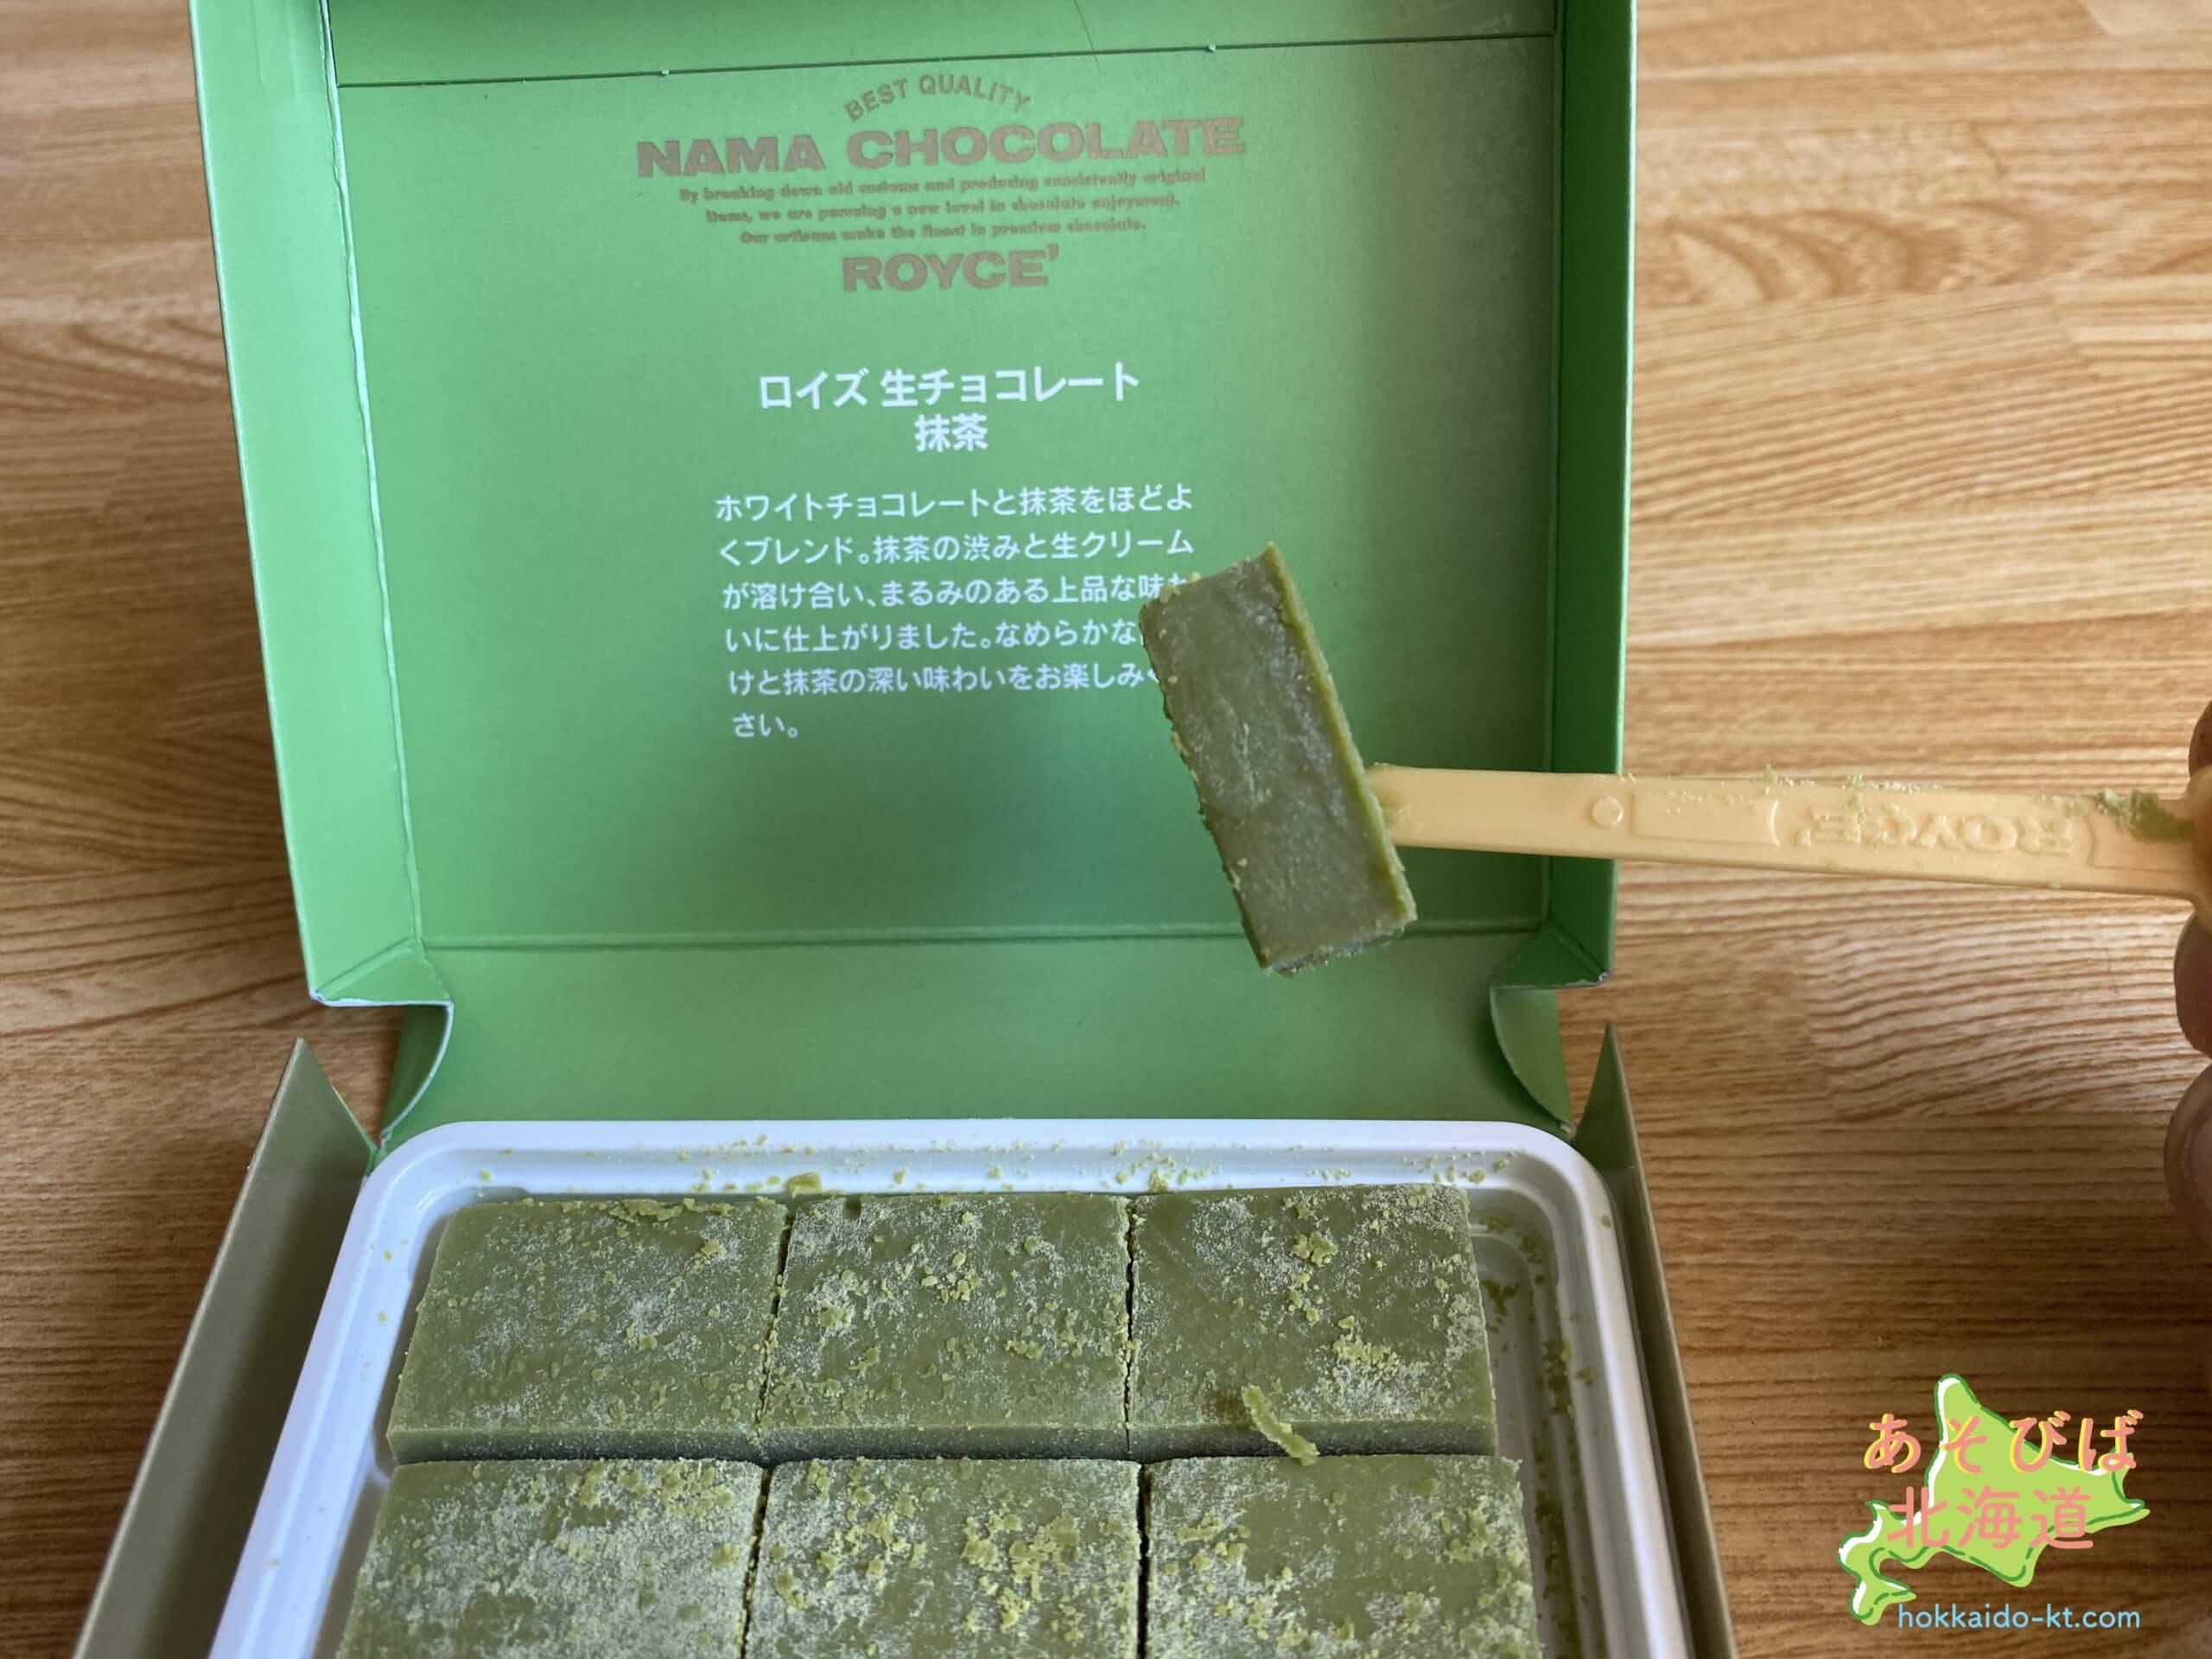 ロイズ生チョコレート抹茶